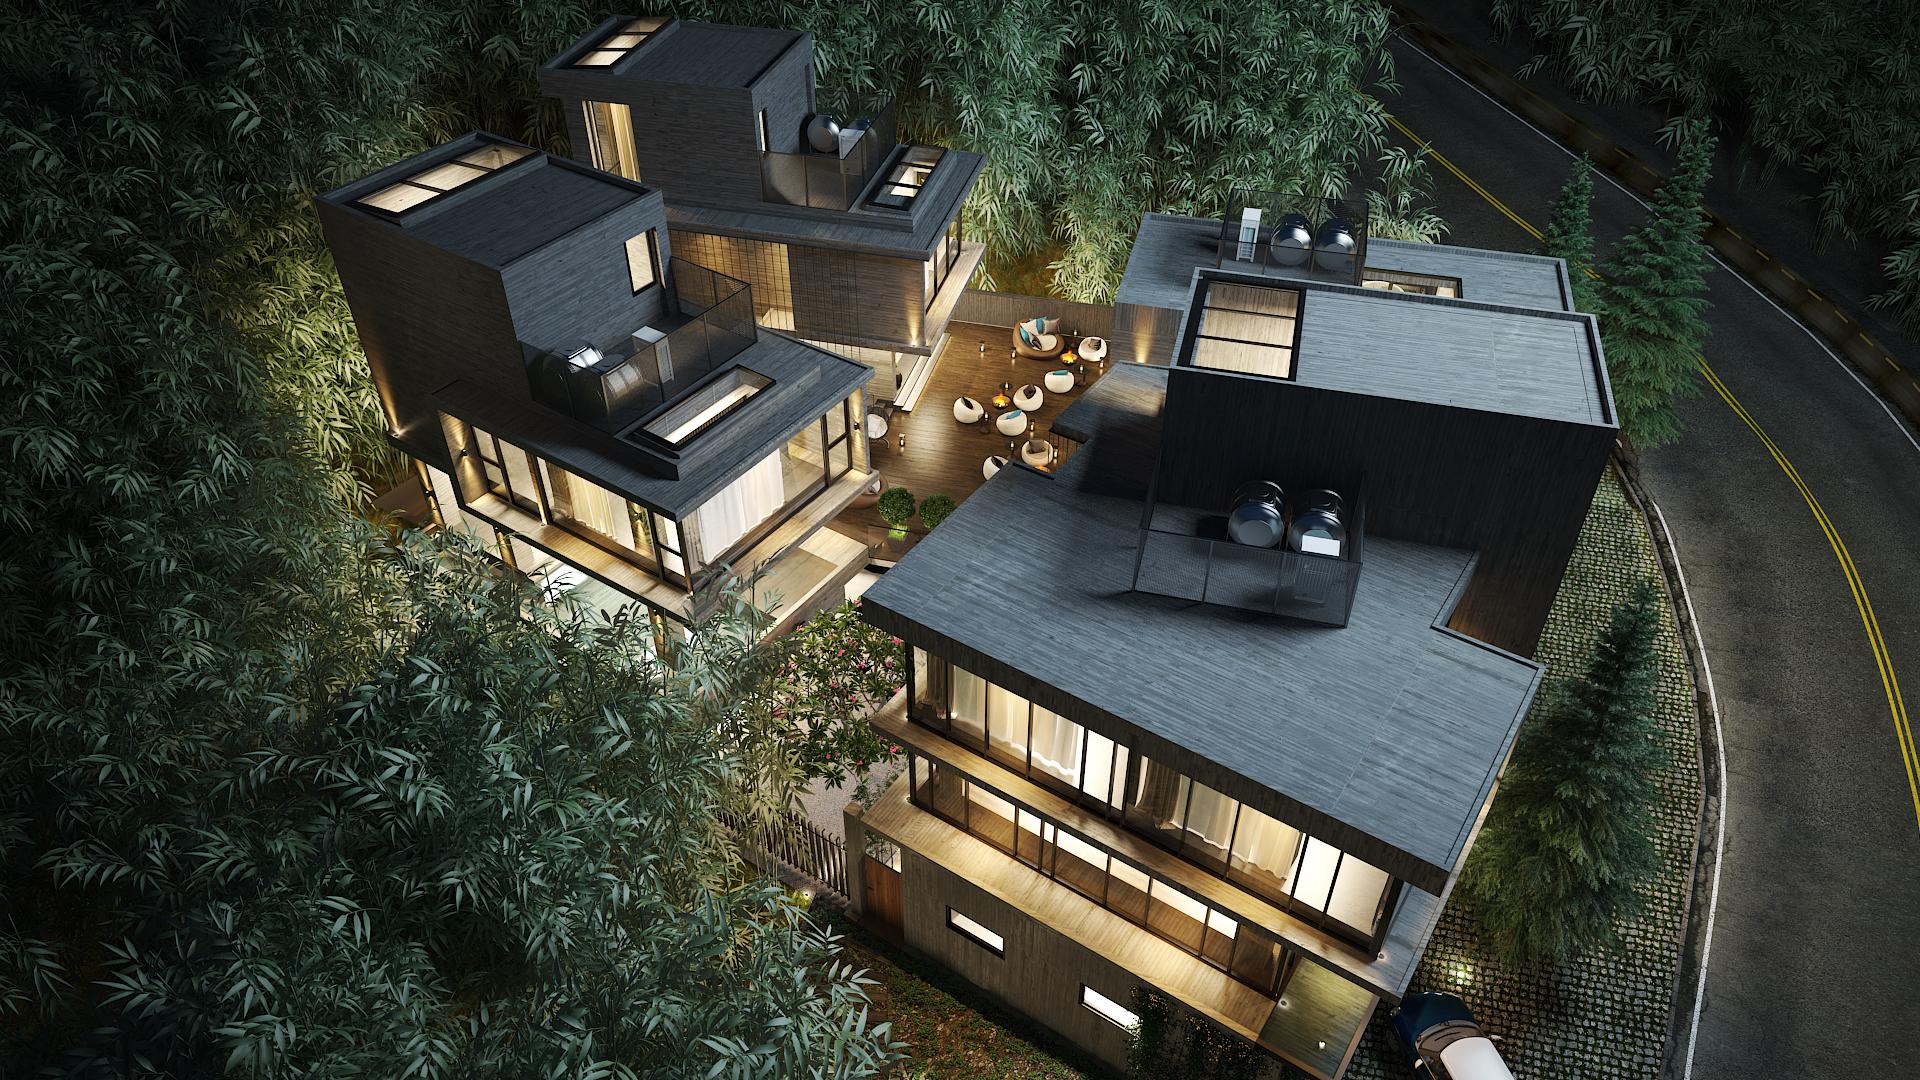 02-羊灣villa-1060203-ABCD-鳥瞰-plan04-OK-鳥瞰